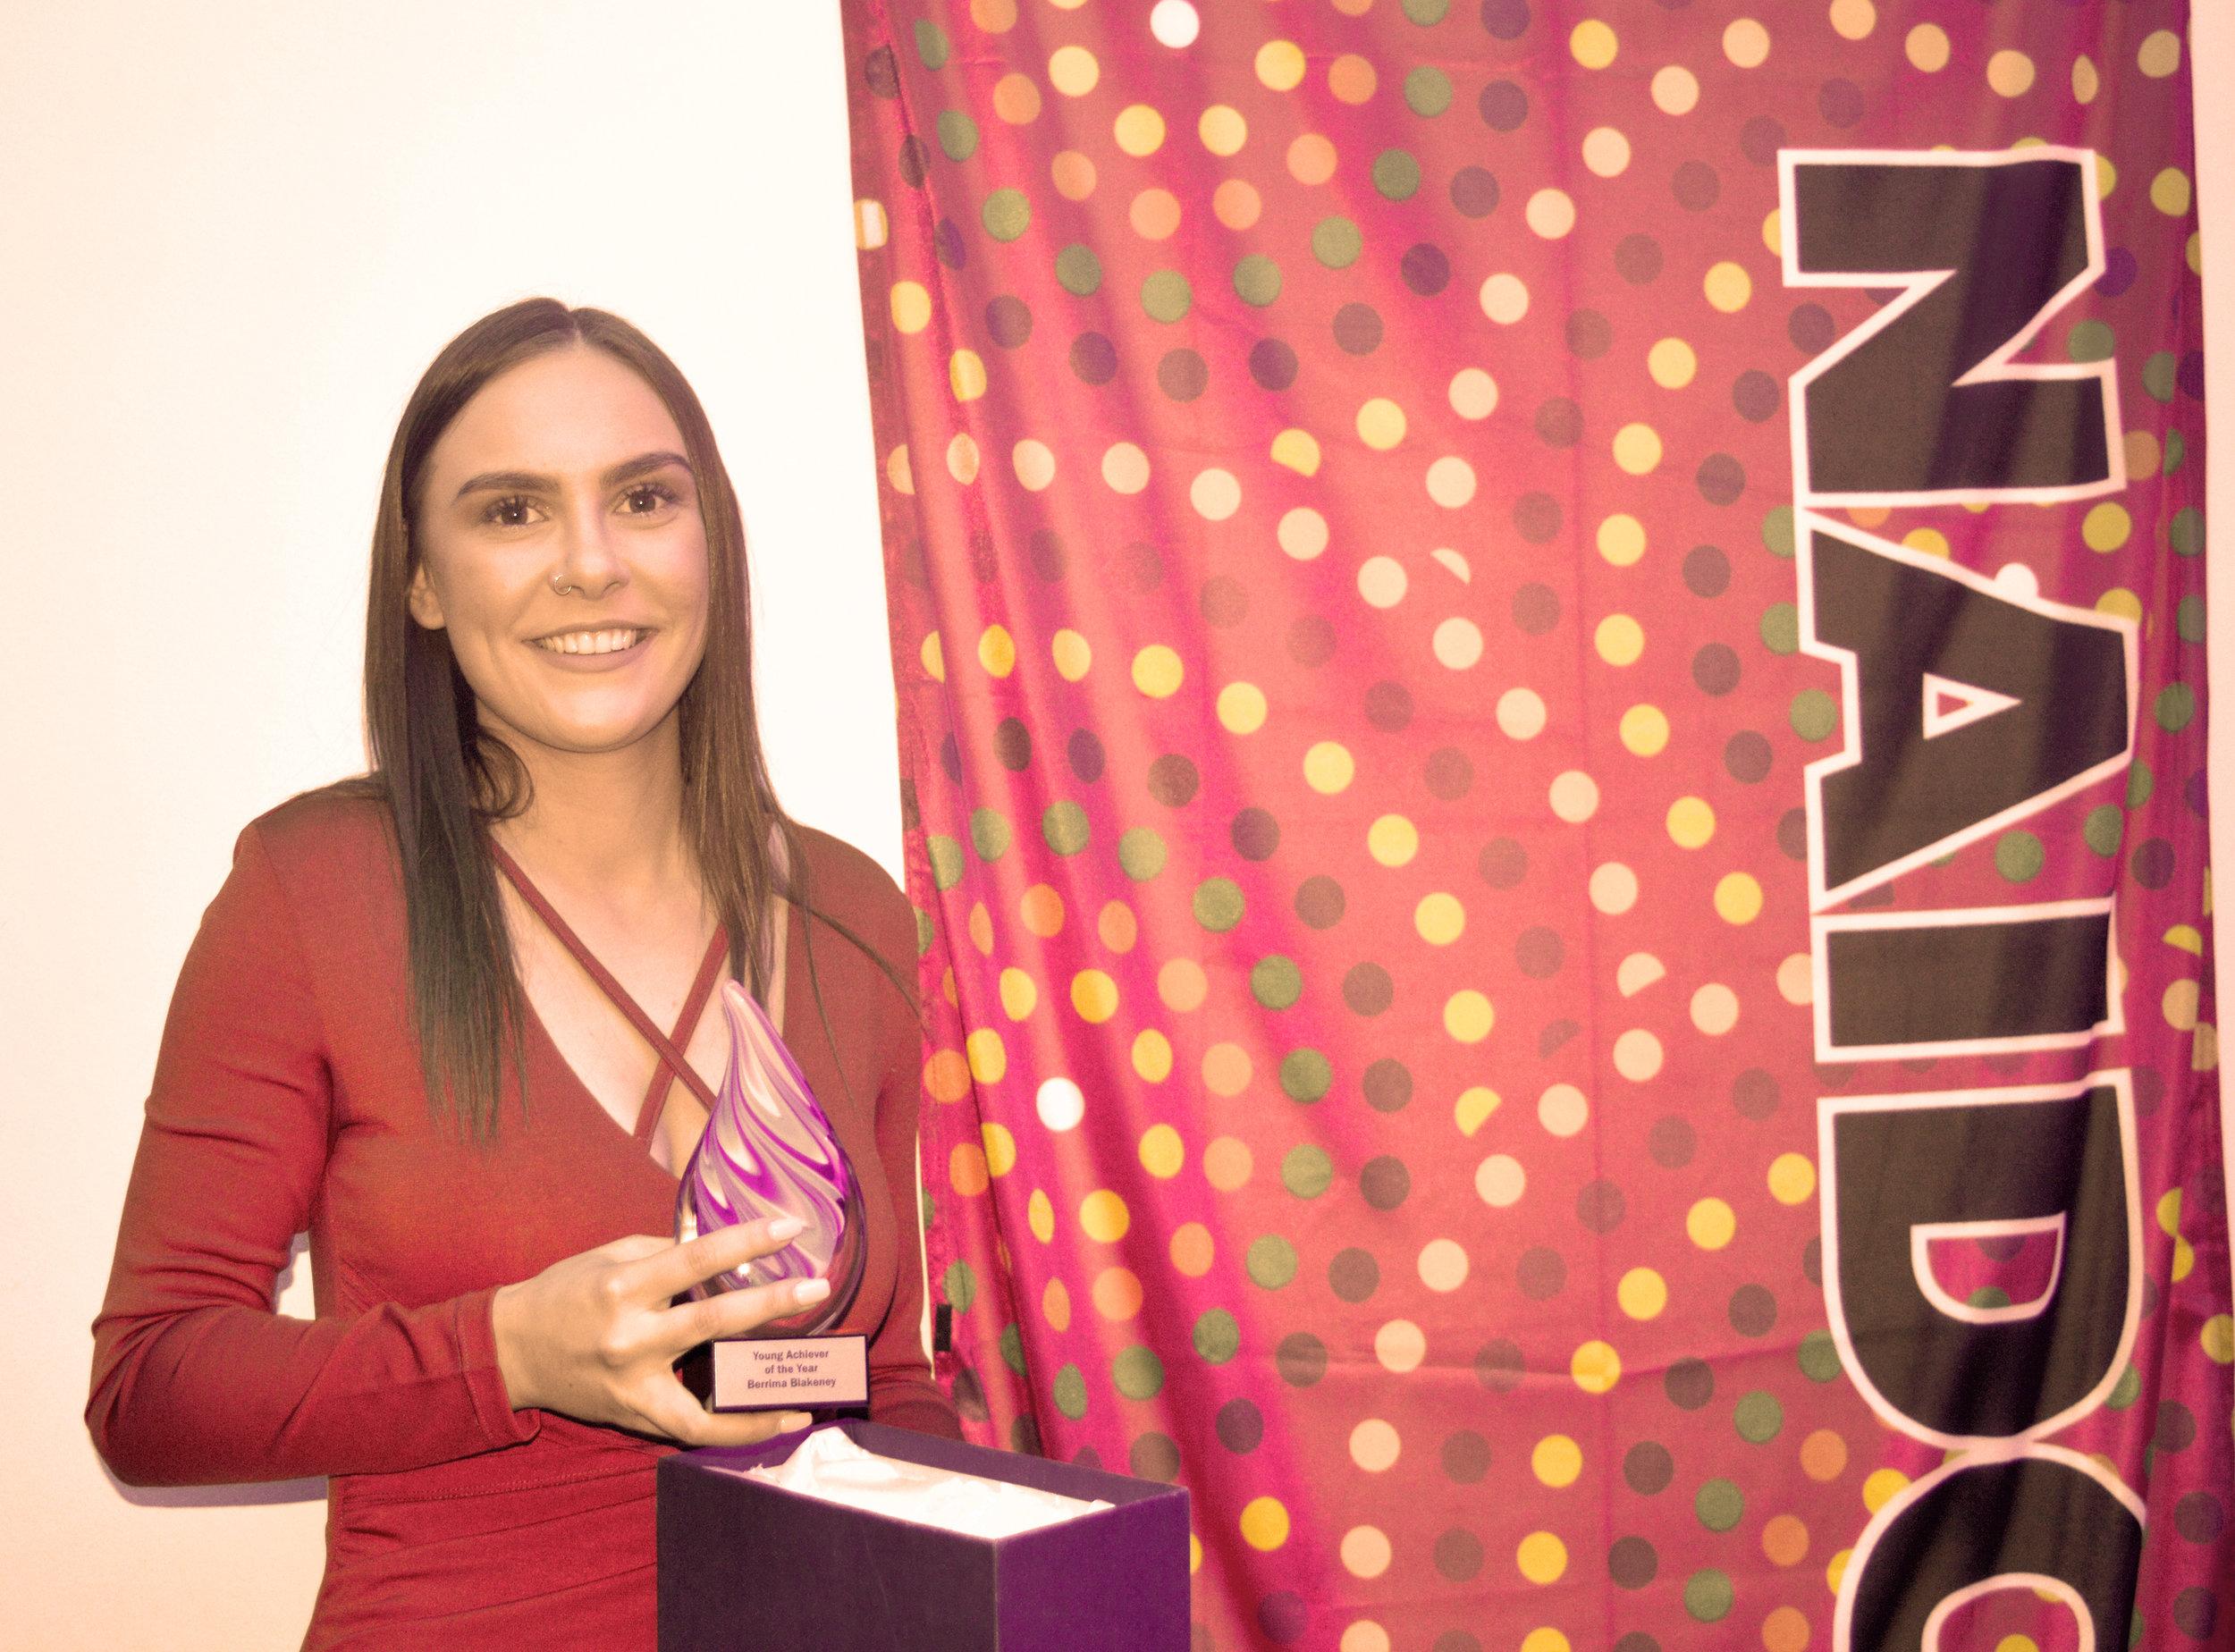 Berrima Blakeney  - Young Achiever of the Year 2017NAIDOC 2017 Regional Awards